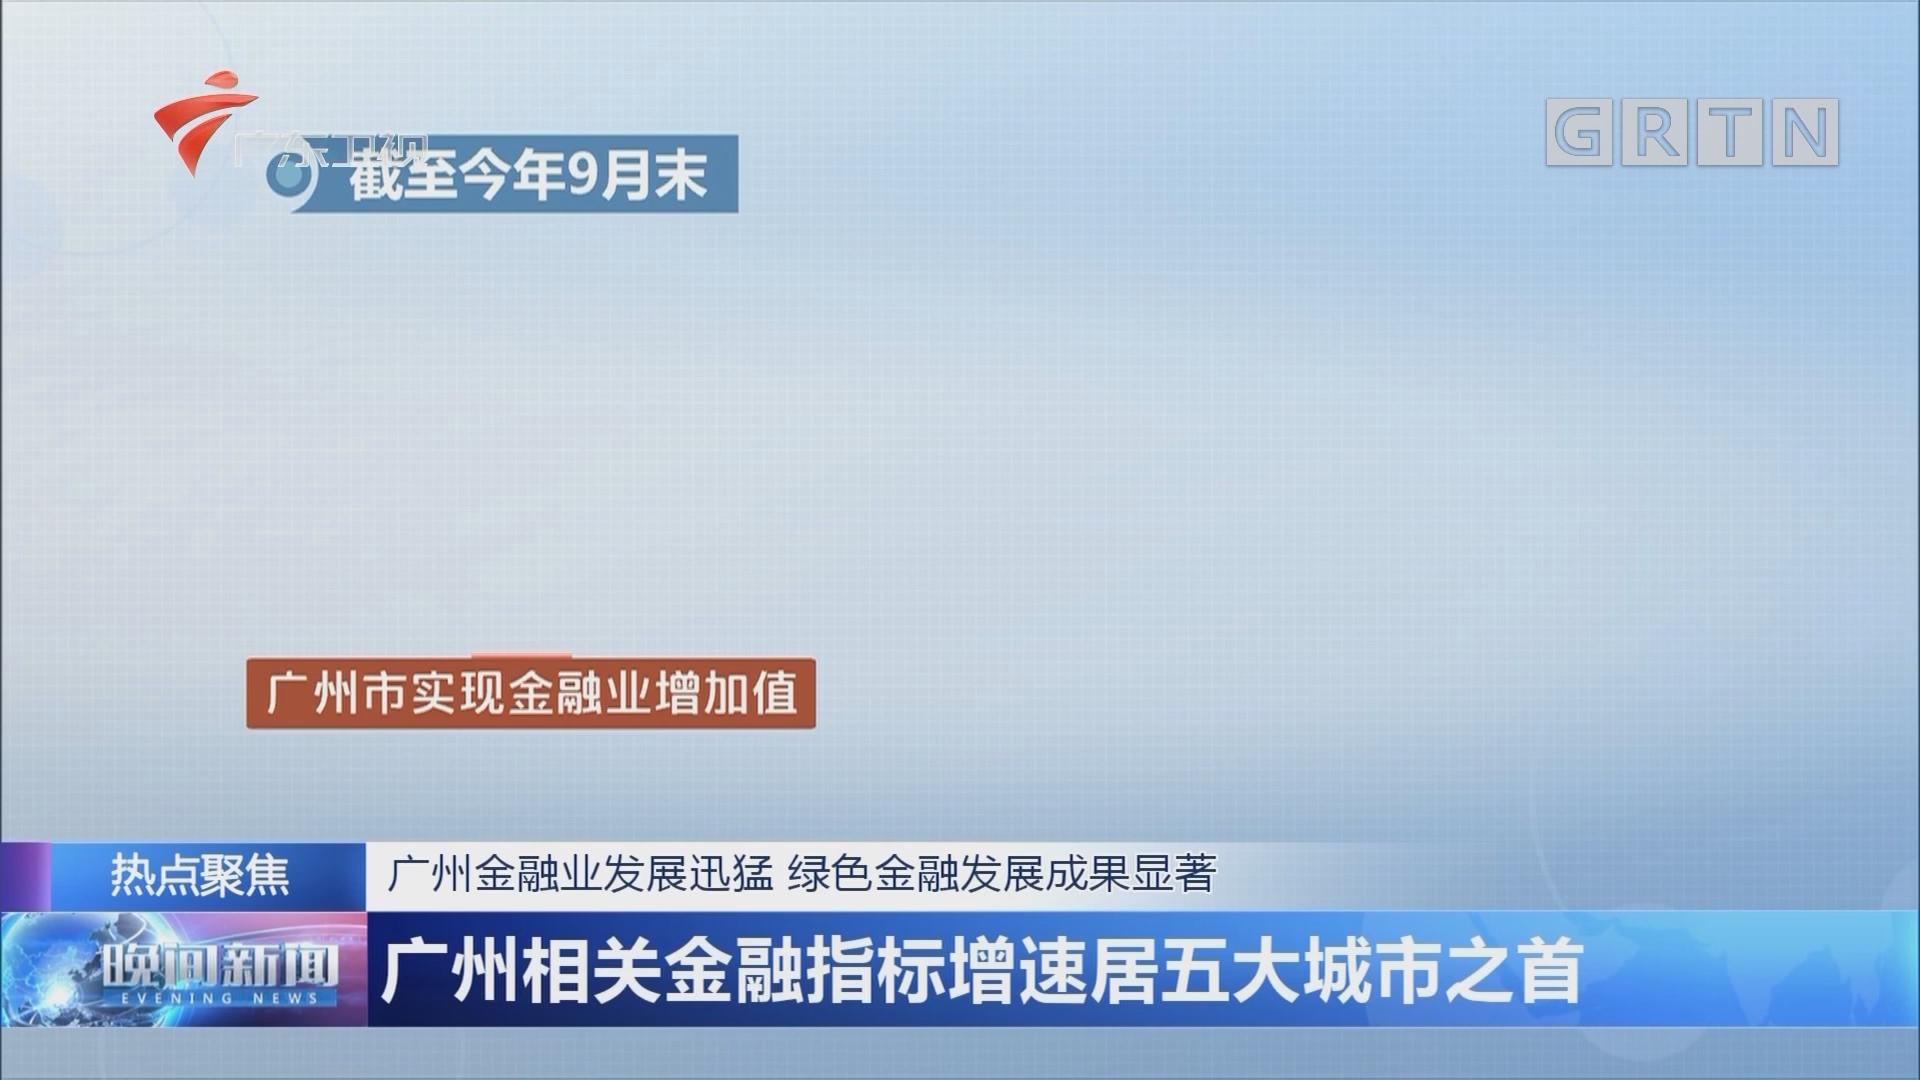 广州金融业发展迅猛 绿色金融发展成果显著 广州相关金融指标增速居五大城市之首